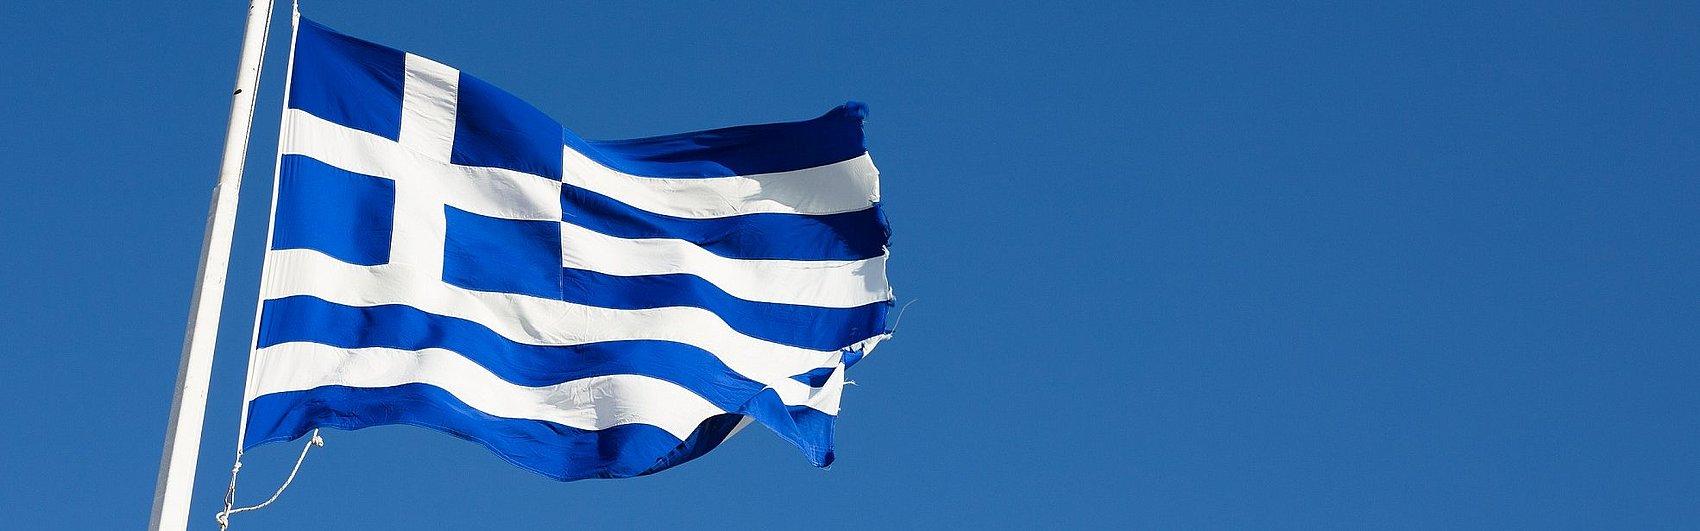 csm_Greece_9d59813d74.jpg